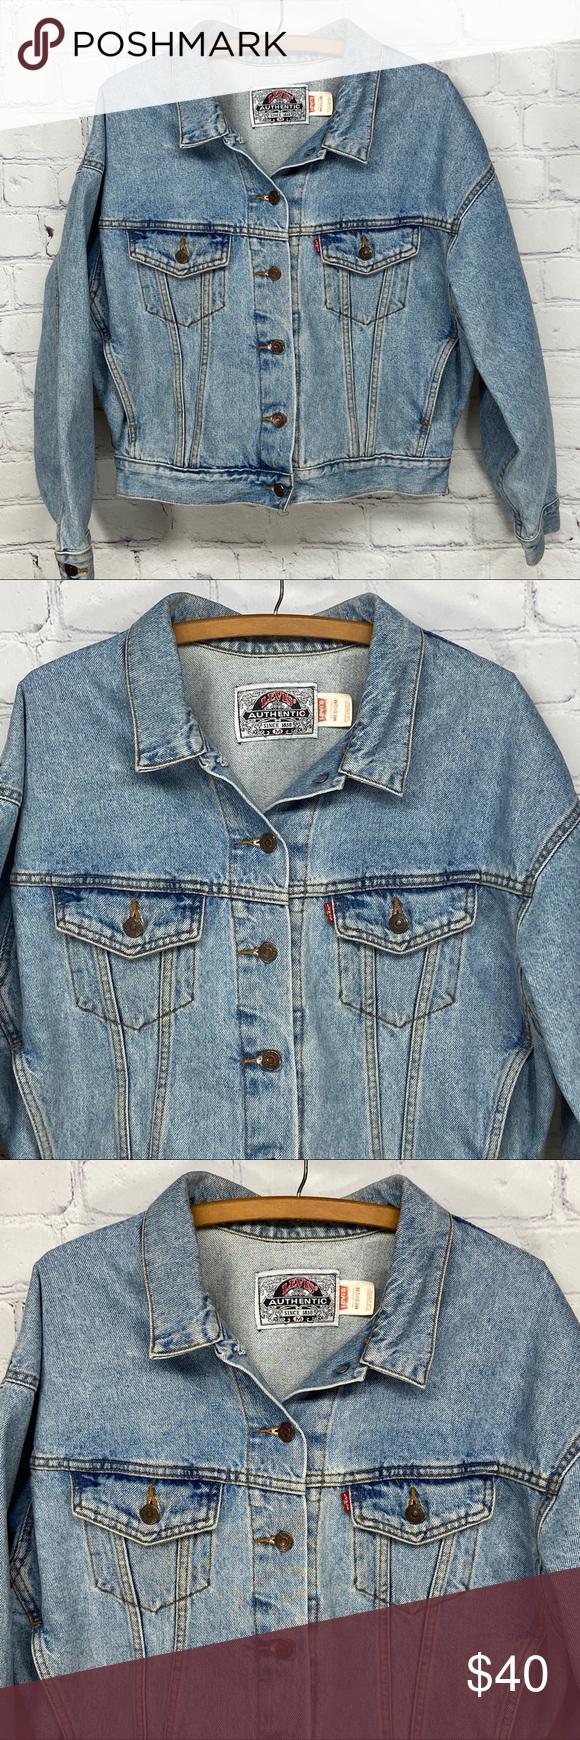 Vintage Levi S Stonewash Trucker Denim Jean Jacket Denim Jean Jacket Jackets Denim Wash